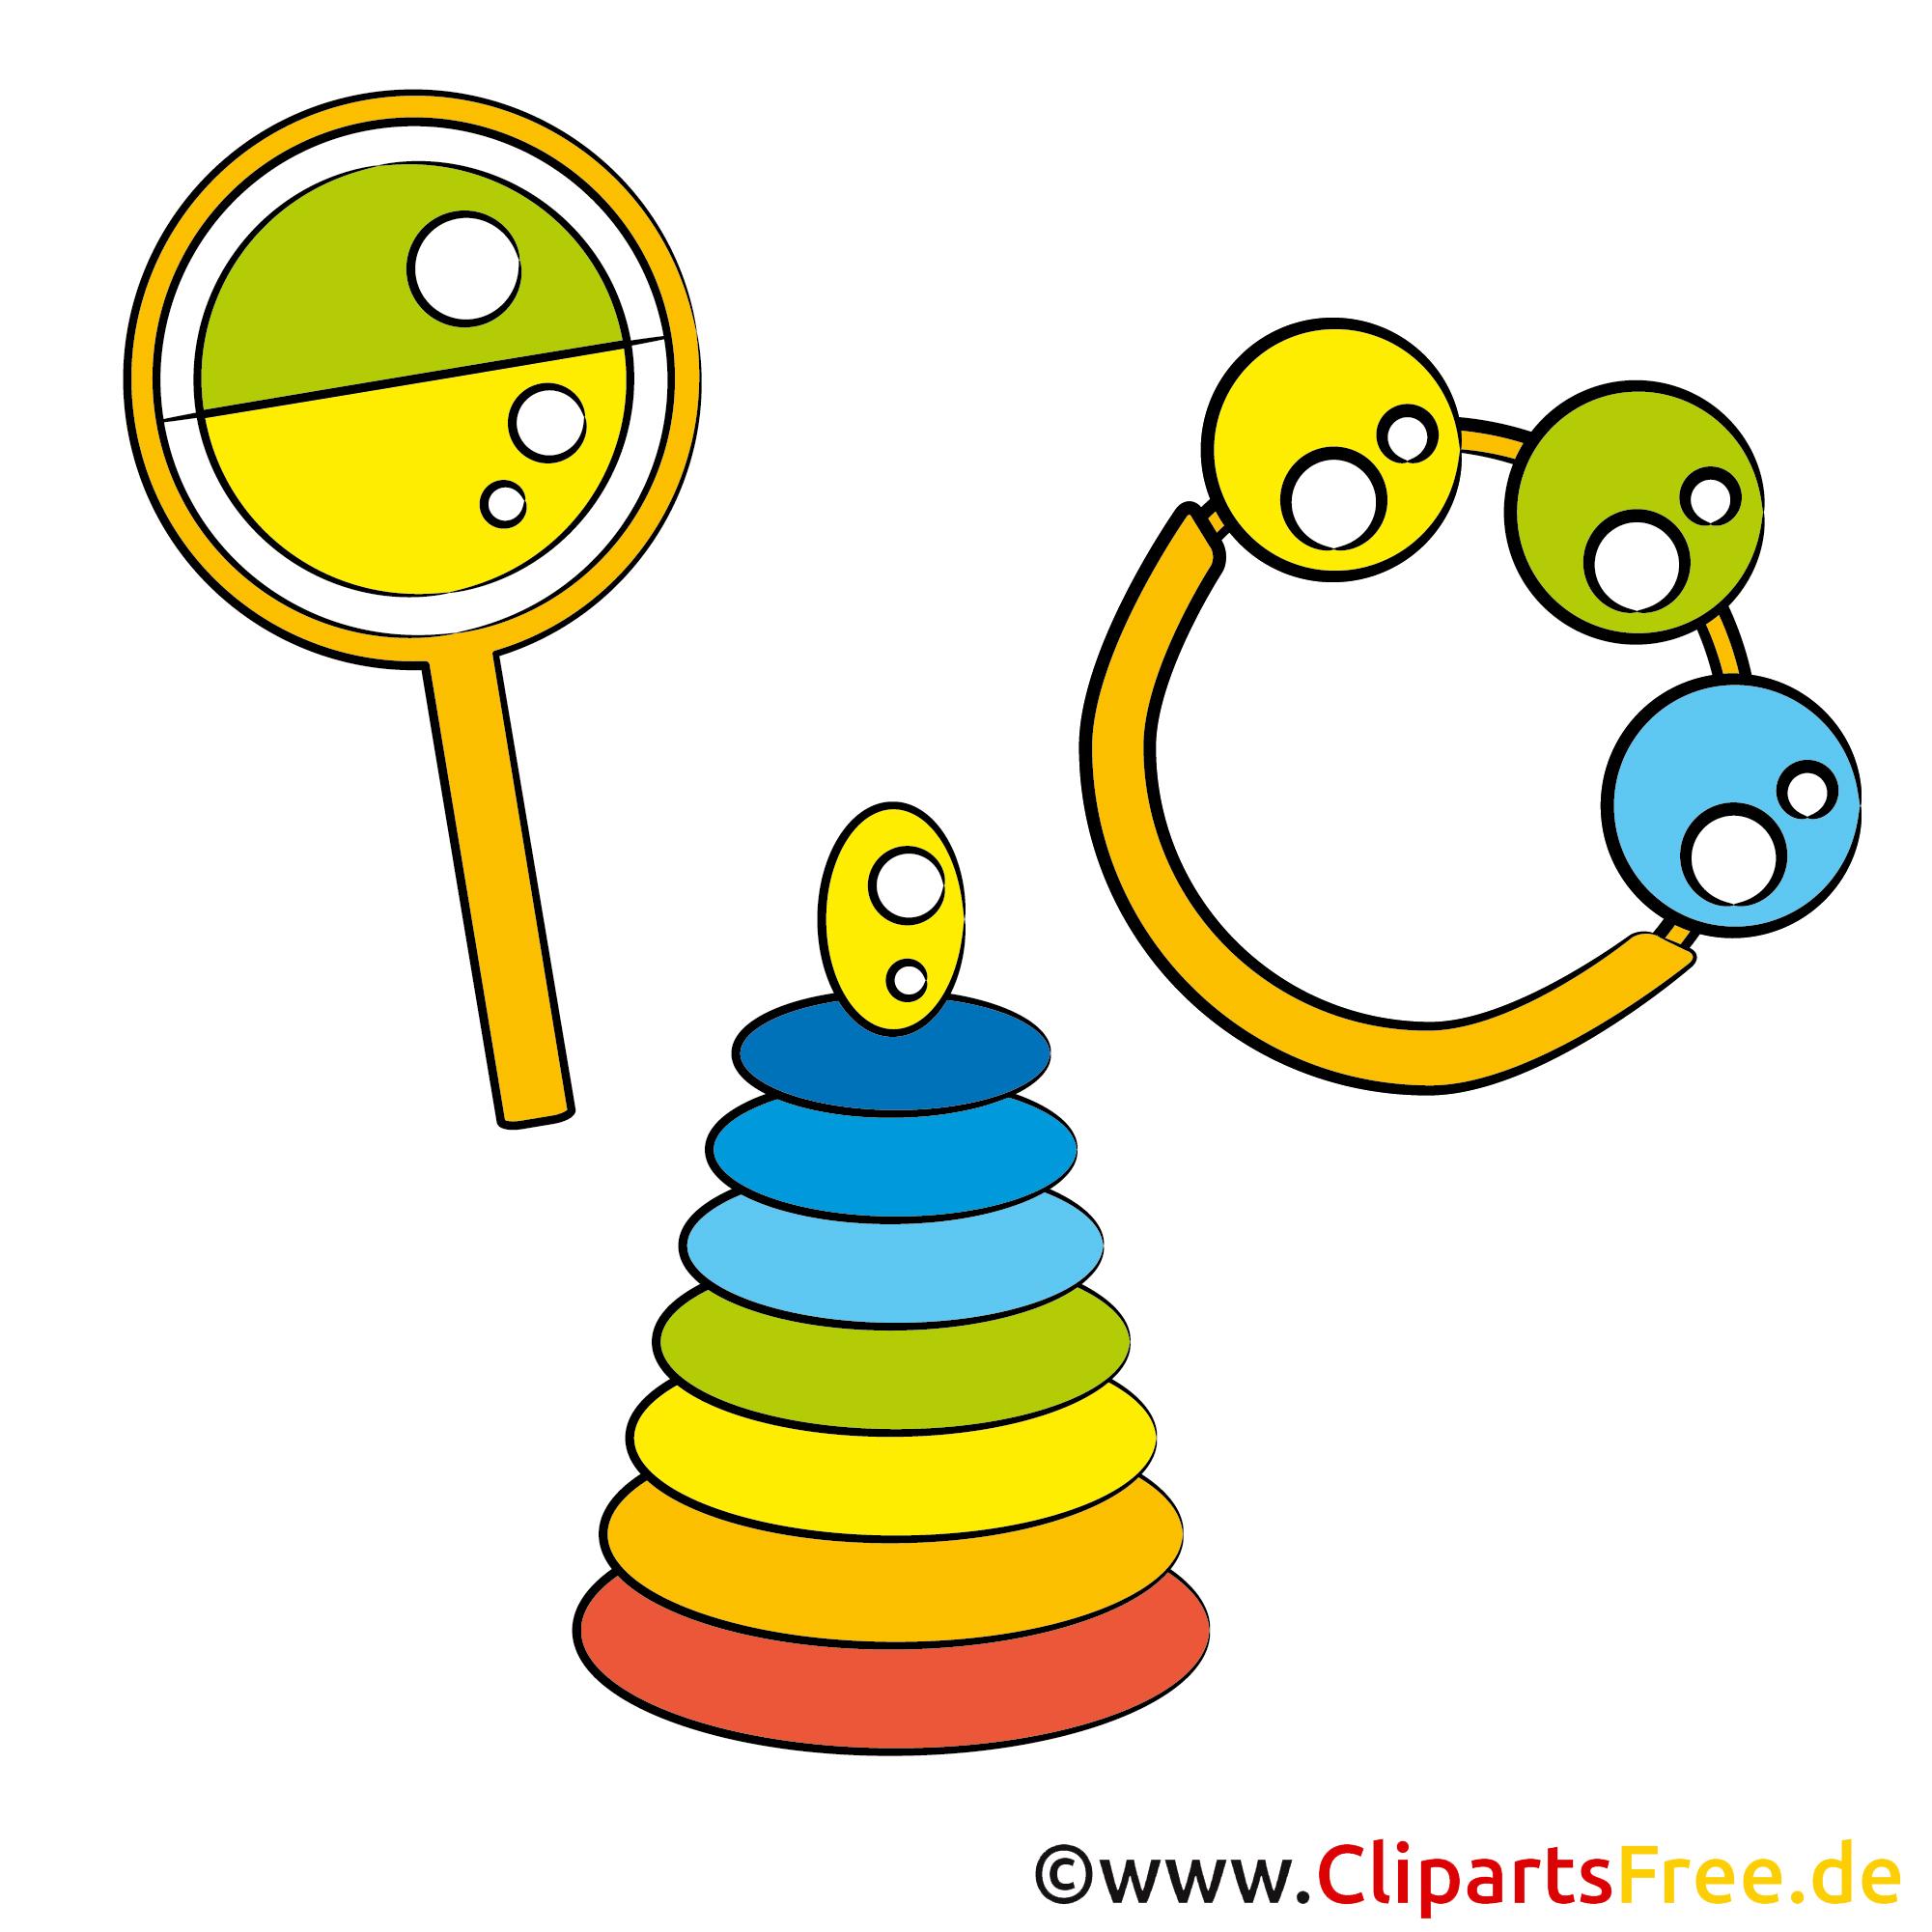 Spielzeuge Clipart-Bilder